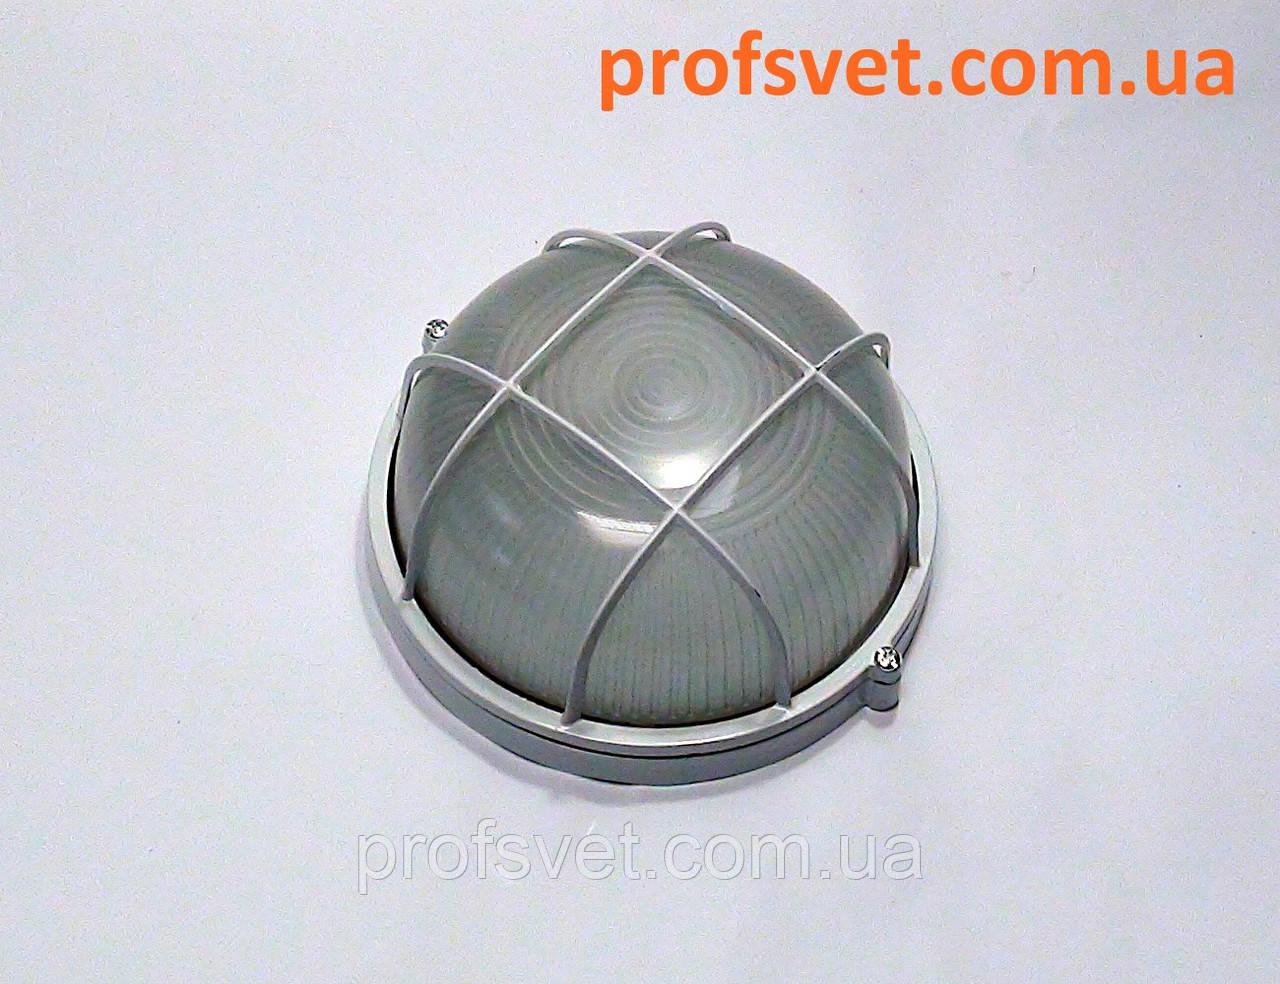 Светильник круглый с решеткой 60 вт Е27 белый